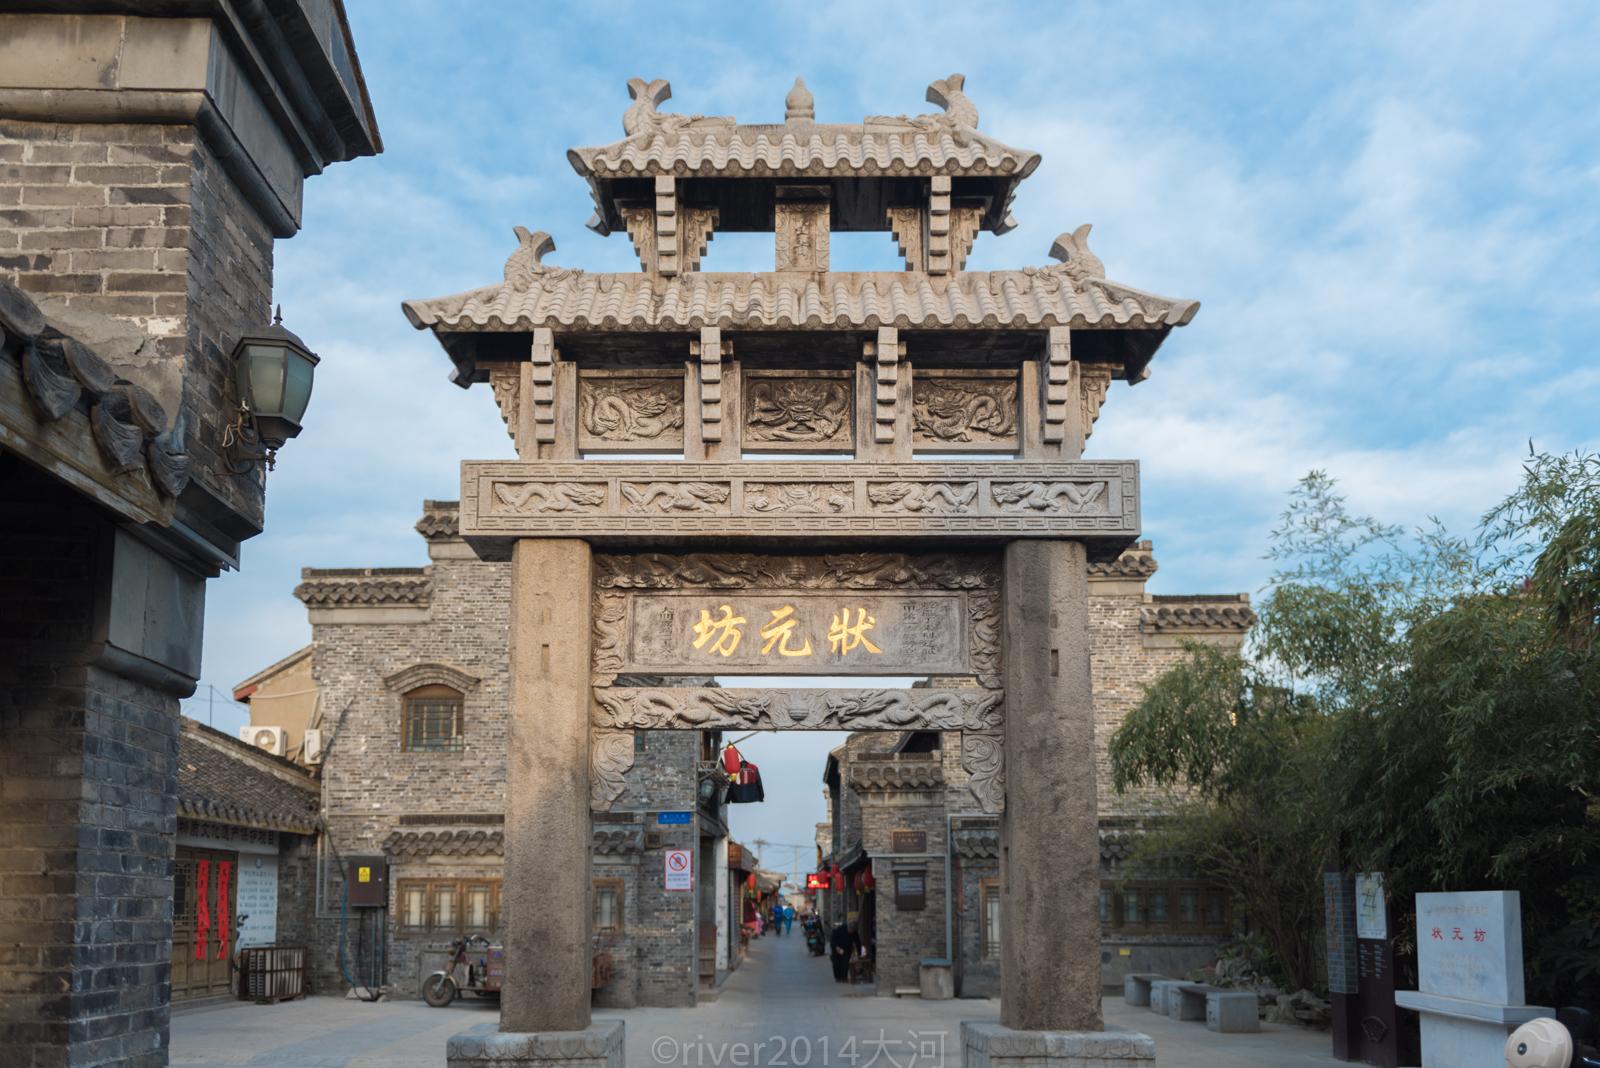 江苏小城兴化,除了油菜花以外市区还有一条千年老街